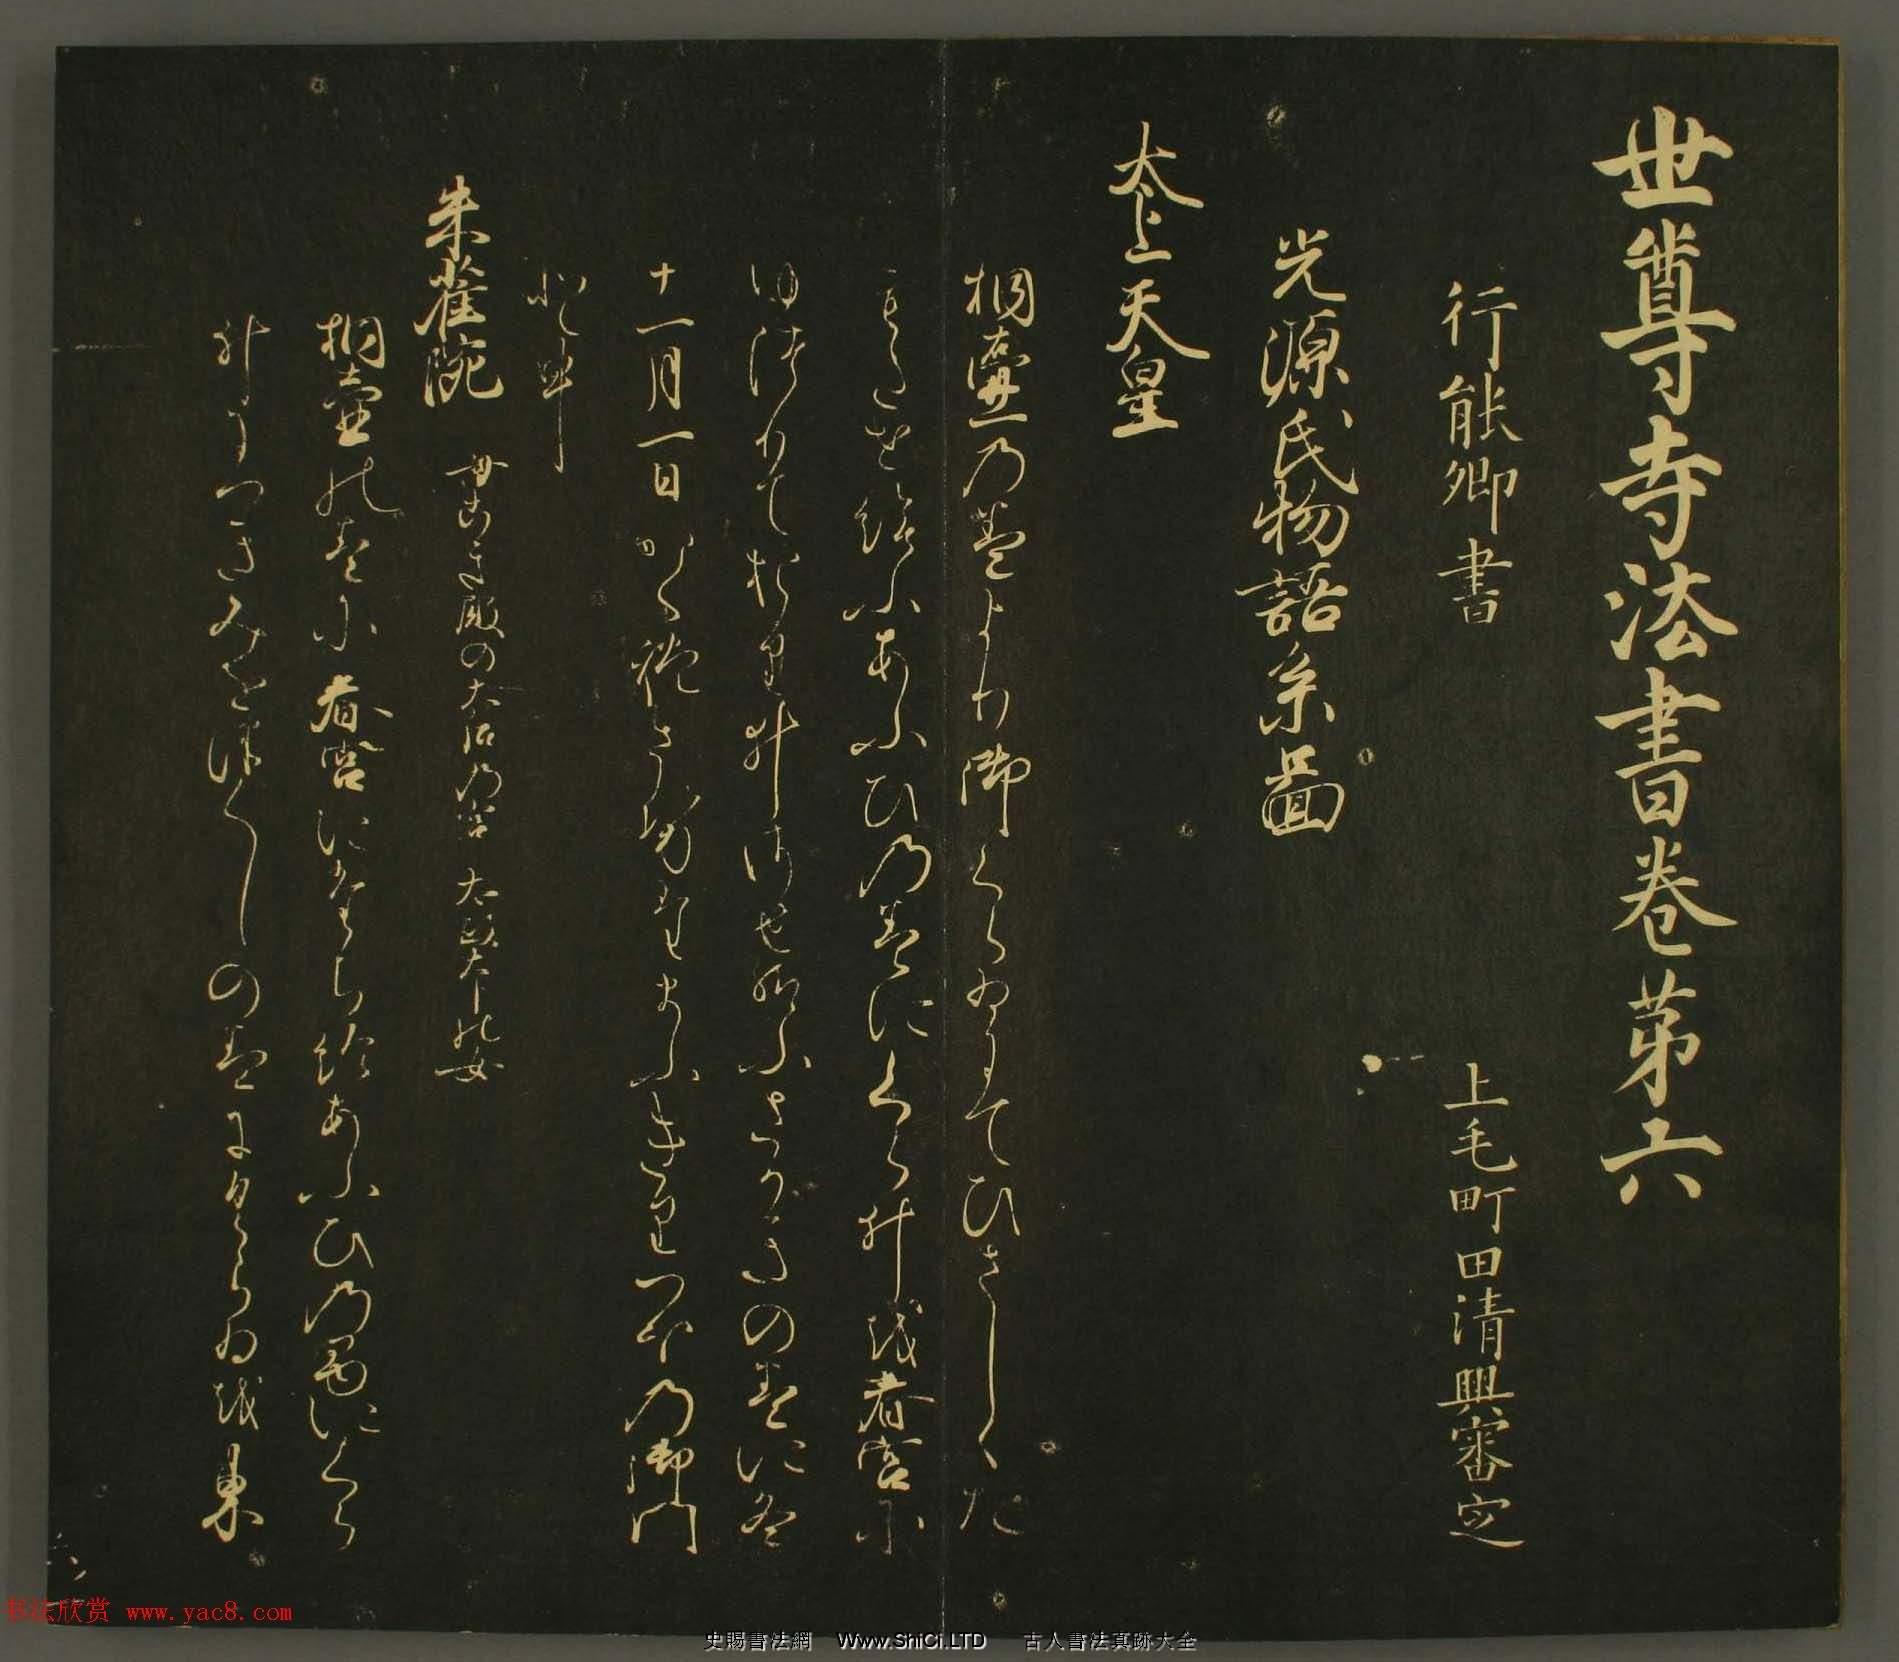 日本行能卿書法真跡欣賞-世尊寺法書卷第六(共20張圖片)